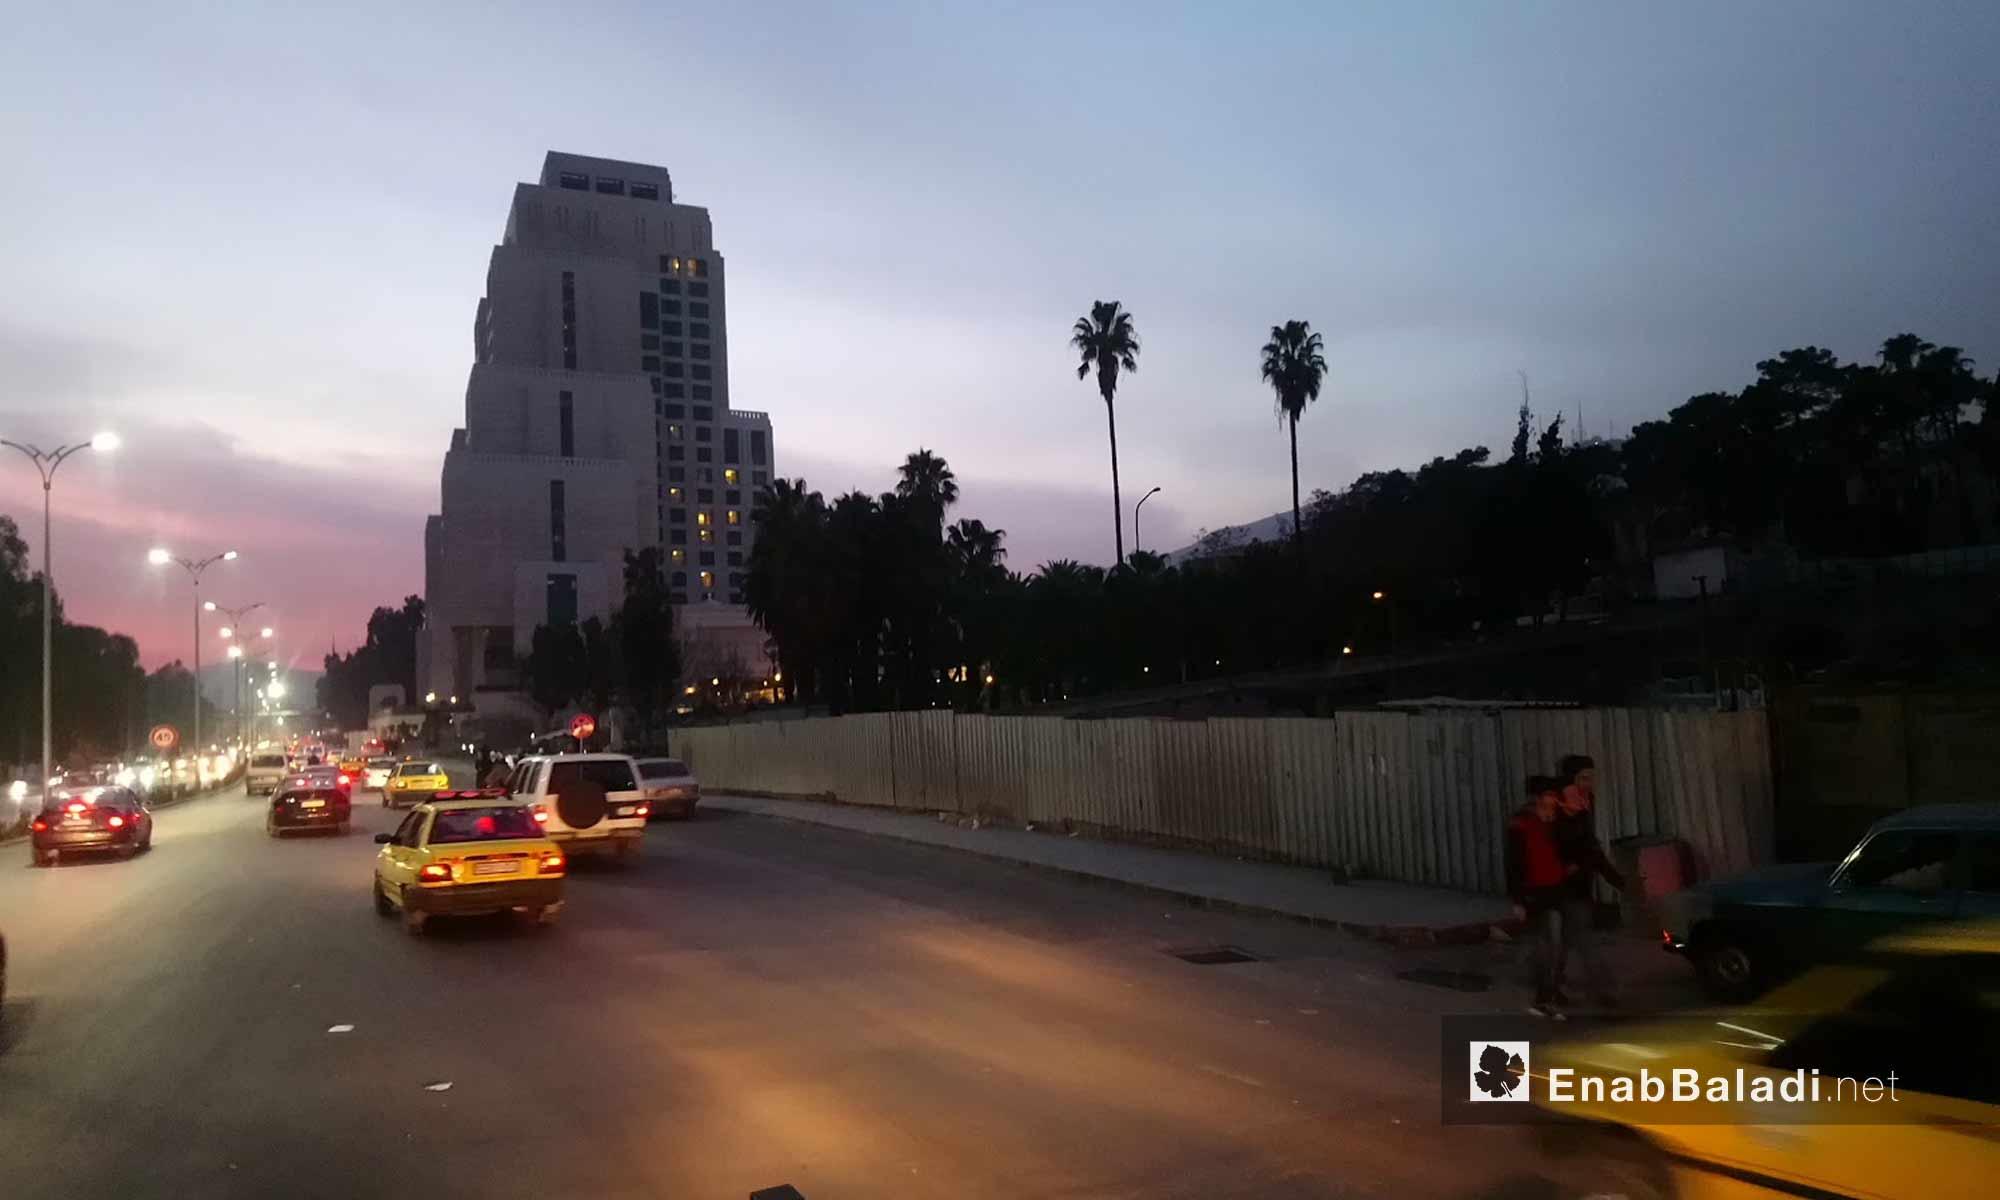 فندق فور سيزون وسط العاصمة دمشق - 4 شباط 2018 (عنب بلدي)